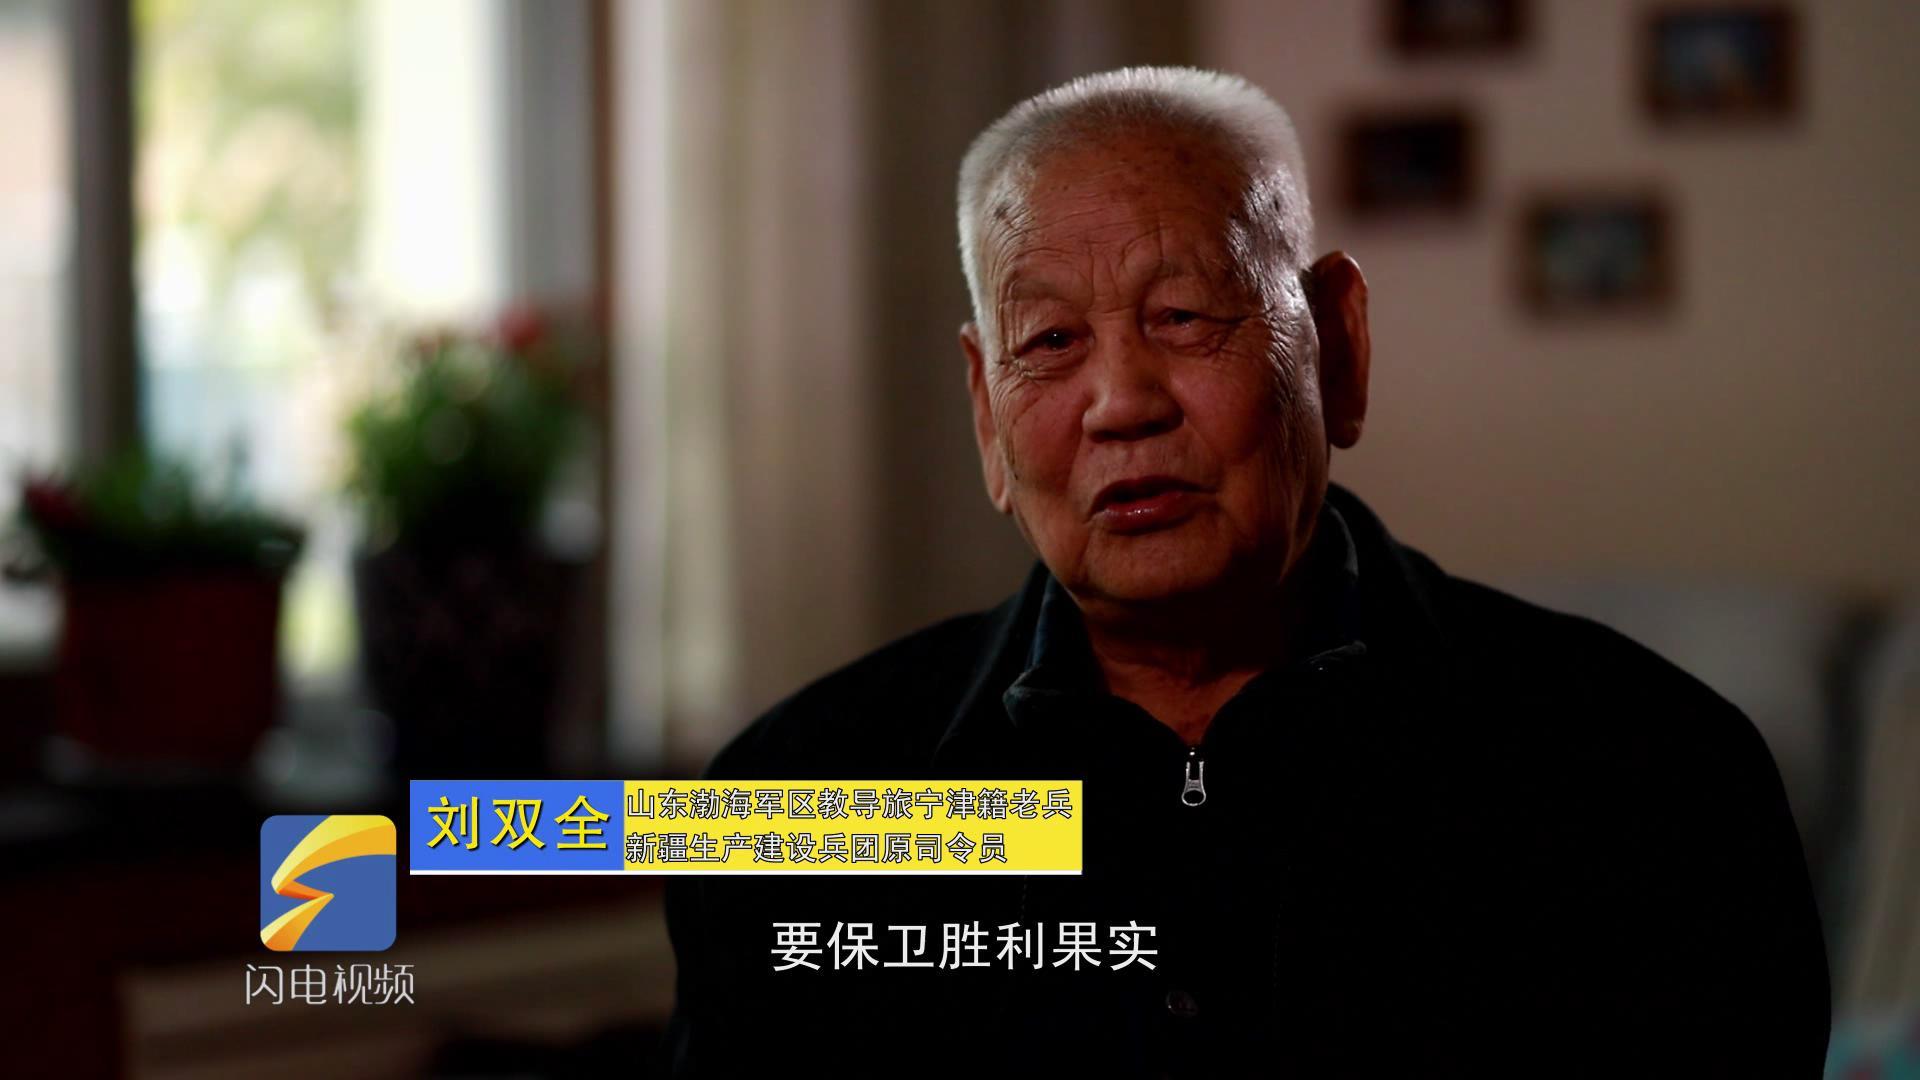 西征记|宁津籍老兵刘双全回忆入伍时的情形